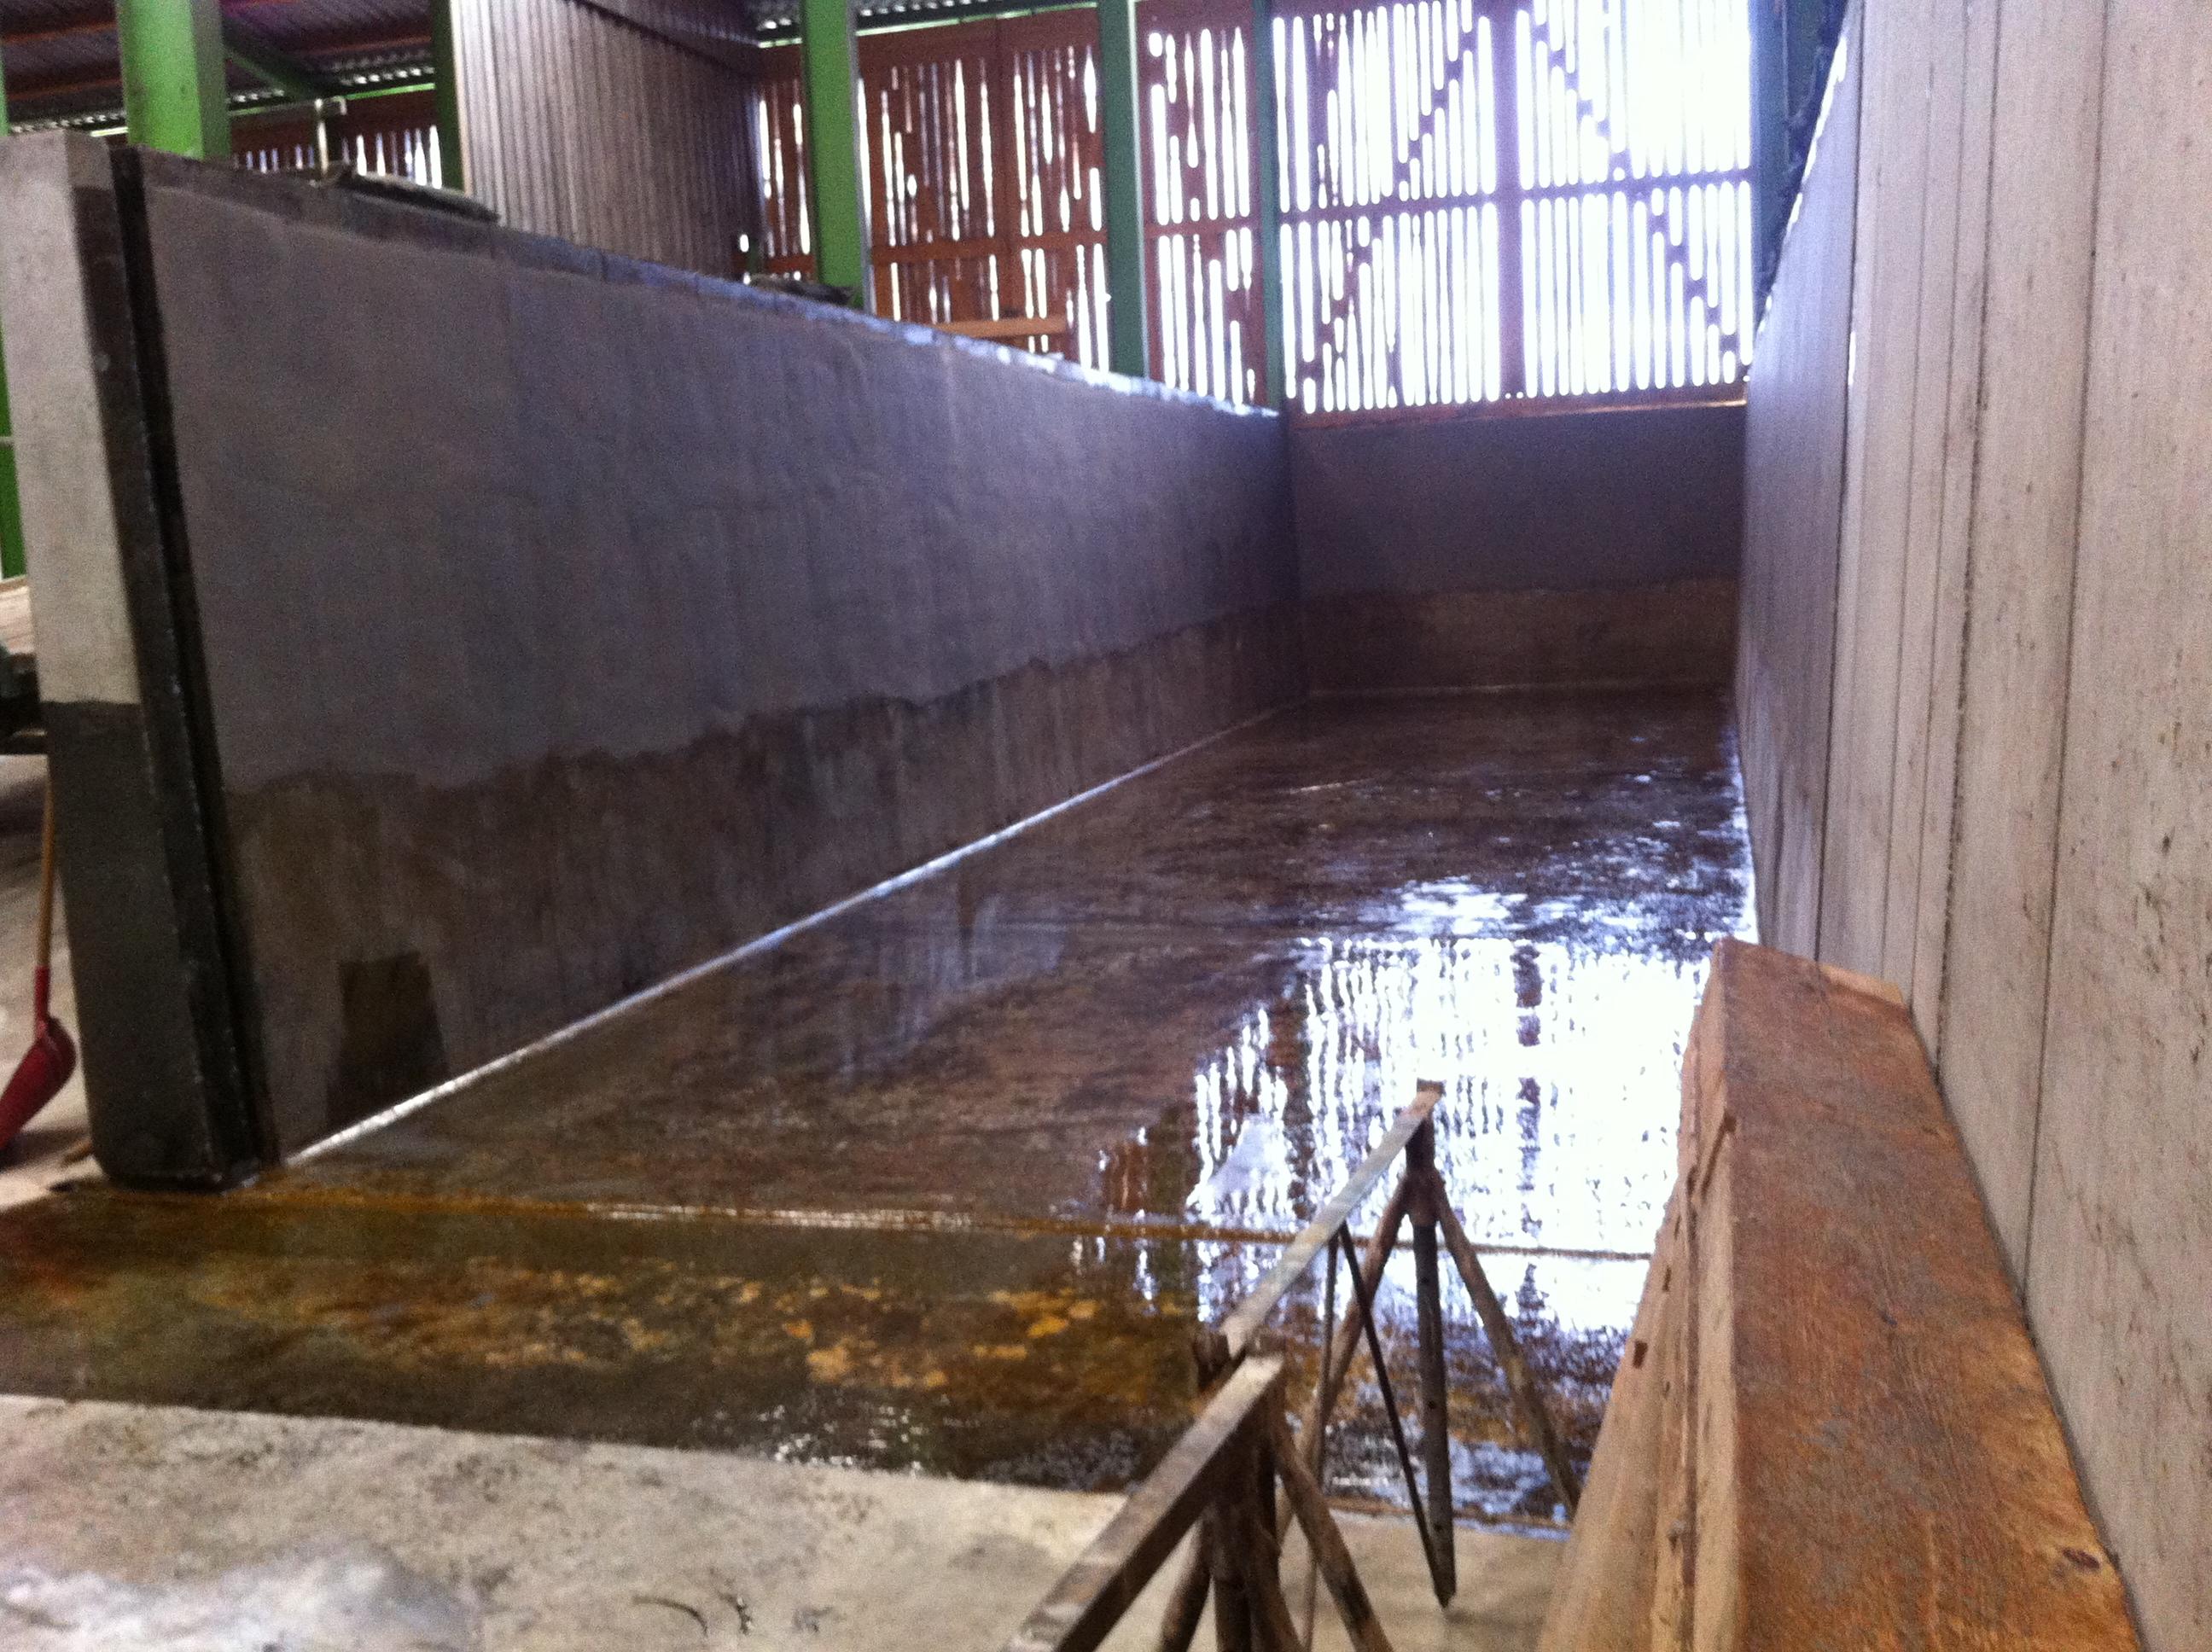 Beton wasserdicht versiegeln beton wasserdicht versiegeln i faszinierend beton wasserdicht - Riss in fliese versiegeln ...